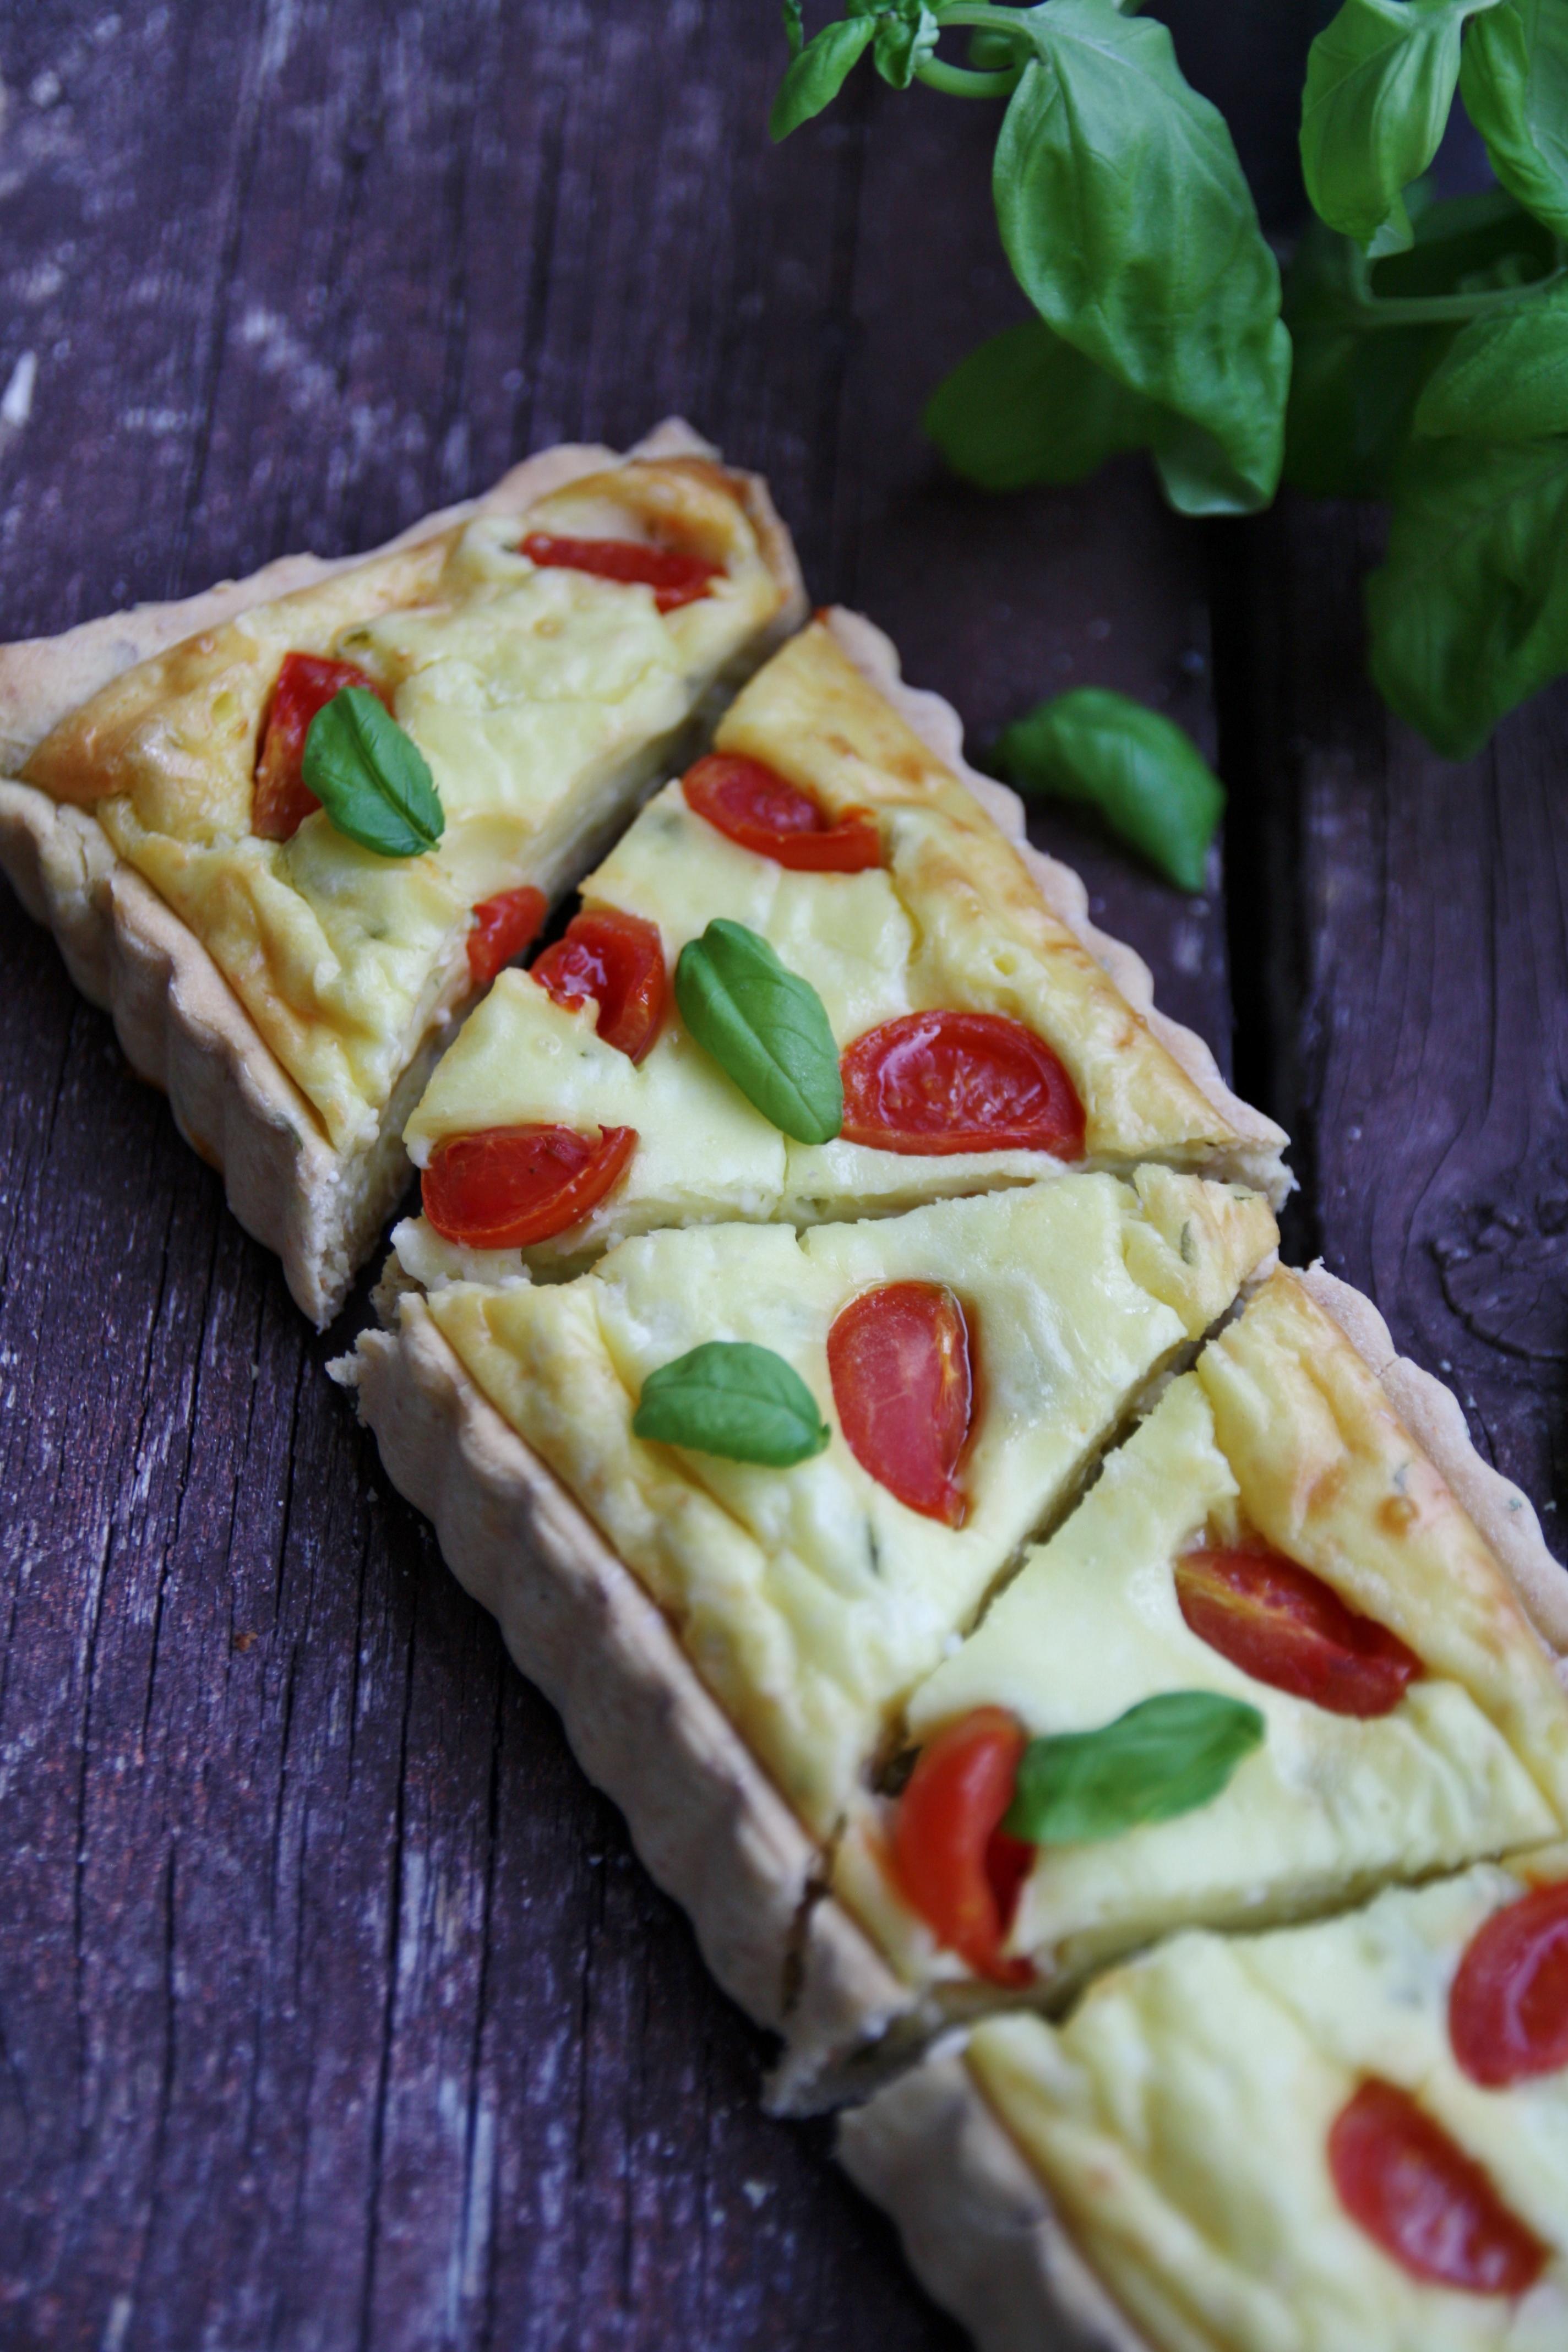 Ricette Con Yogurt Greco Salate.Torta Salata Allo Yogurt Greco Pomodorini E Basilico